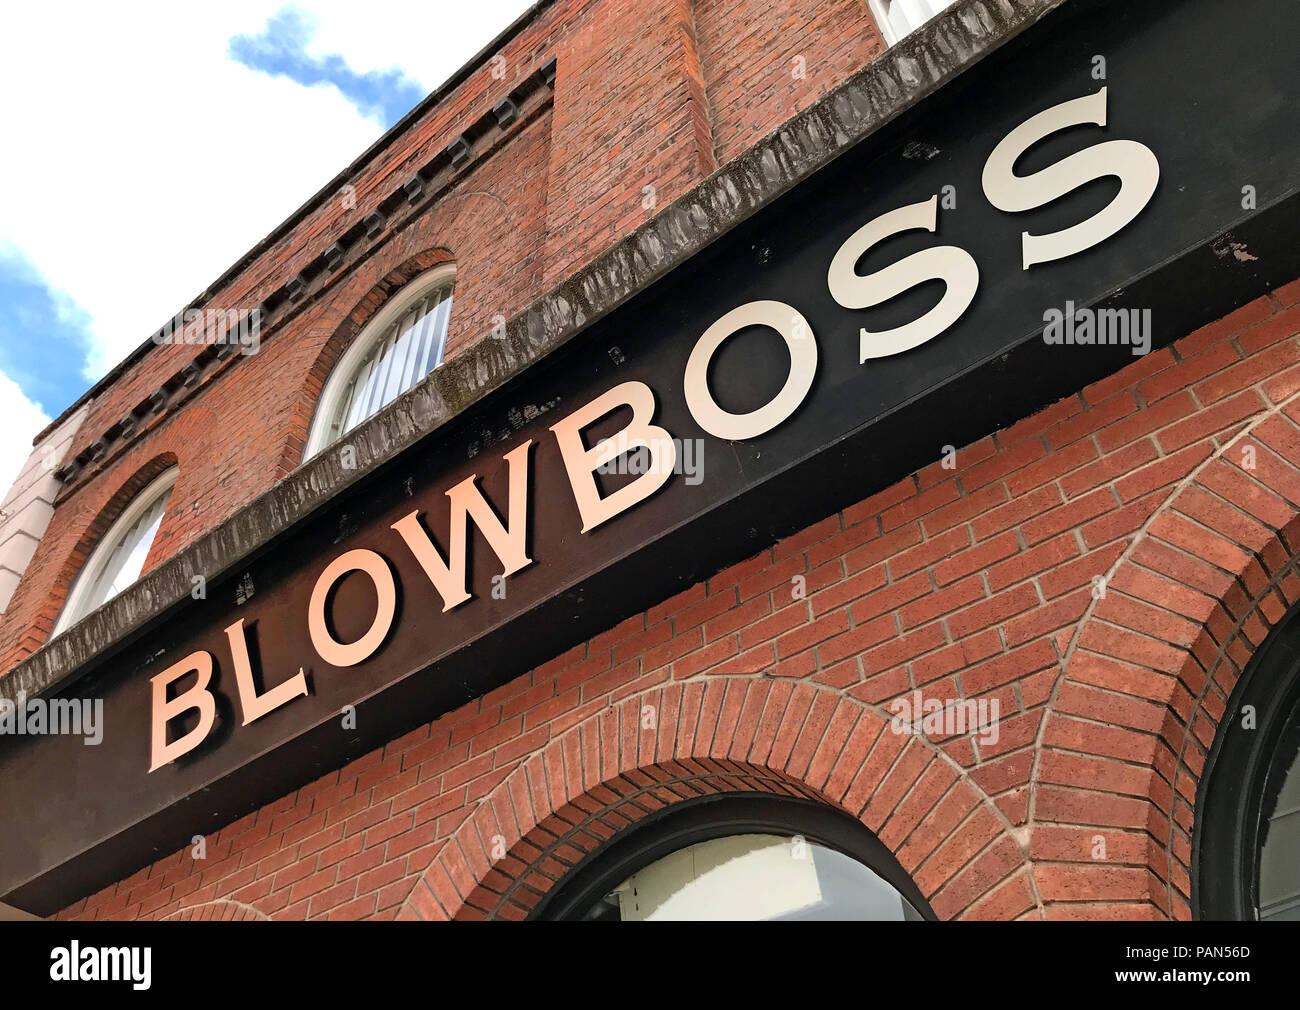 @HotpixUK,GoTonySmith,Blowjob,blow job,blow boss,Blowboss,express,hair,&,beauty,salon,Cheshire,North West England,UK,Hairdresser,hairdresser,Salon,Hair Salon,express,Warrington Hair Salon